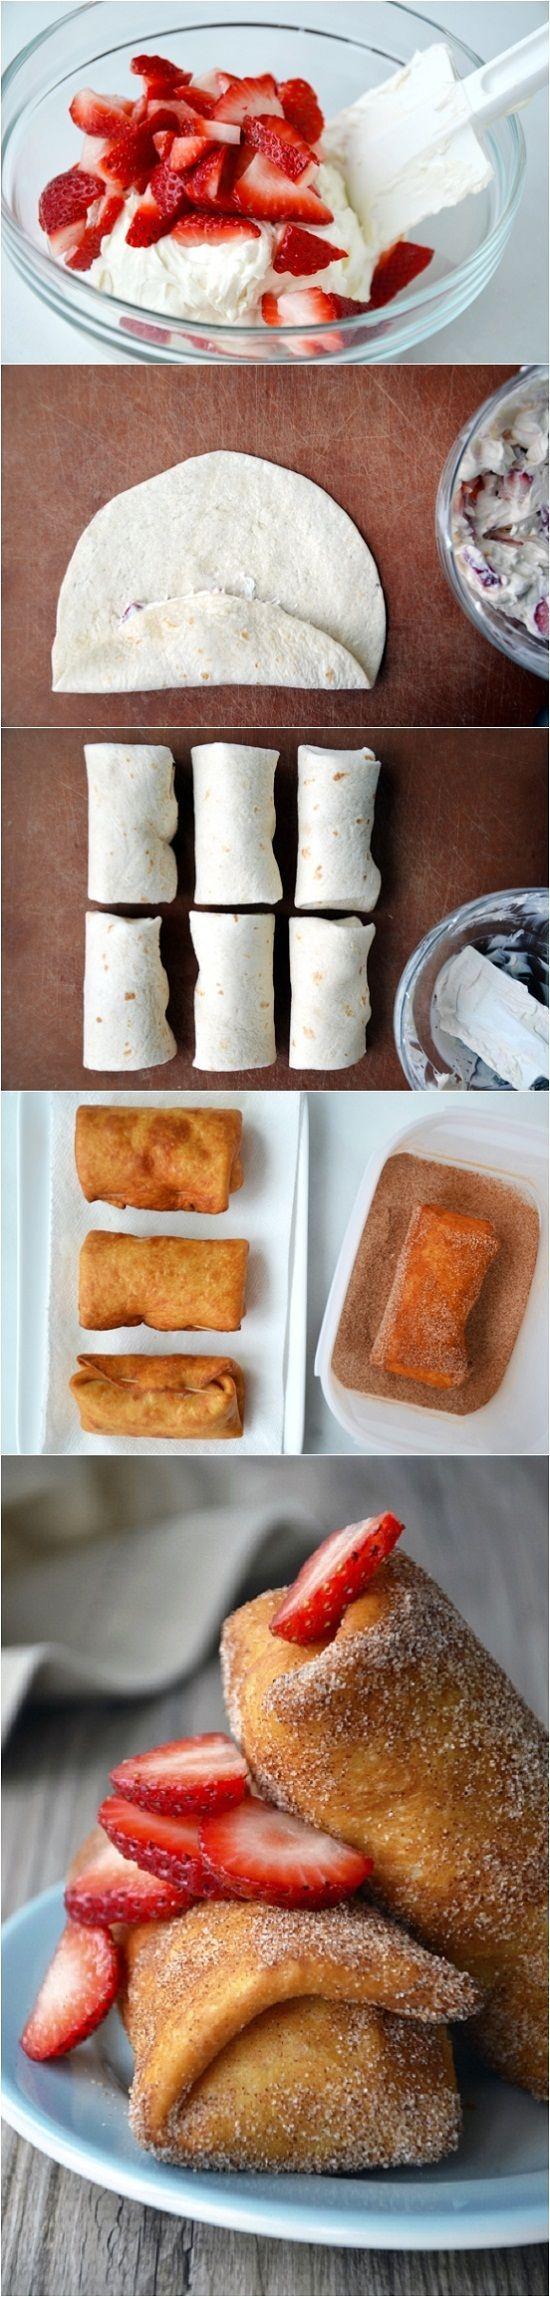 Crepas de fresa y queso crema, encuentra más postres en http://www.1001consejos.com/